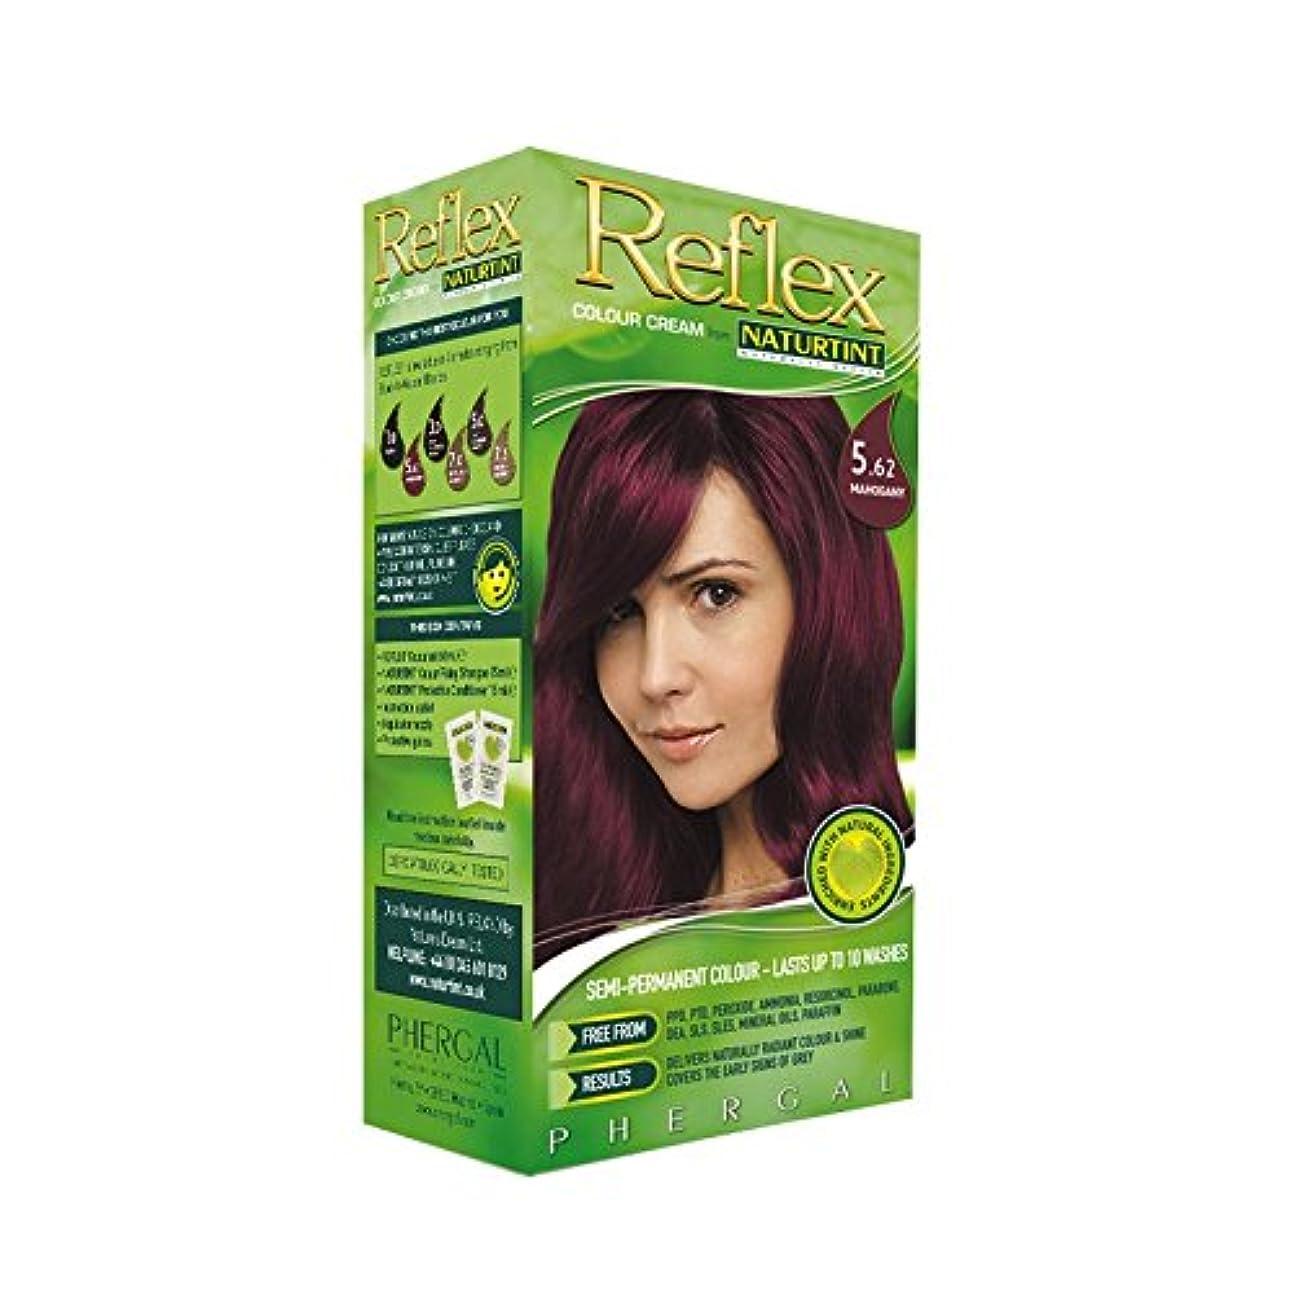 シール打たれたトラック相手Naturtint Reflex Non Permanent Colour Rinse 5.62 Mahogany (Pack of 6) - Naturtint反射非永久的な色は5.62マホガニーをすすぎます (x6) [並行輸入品]